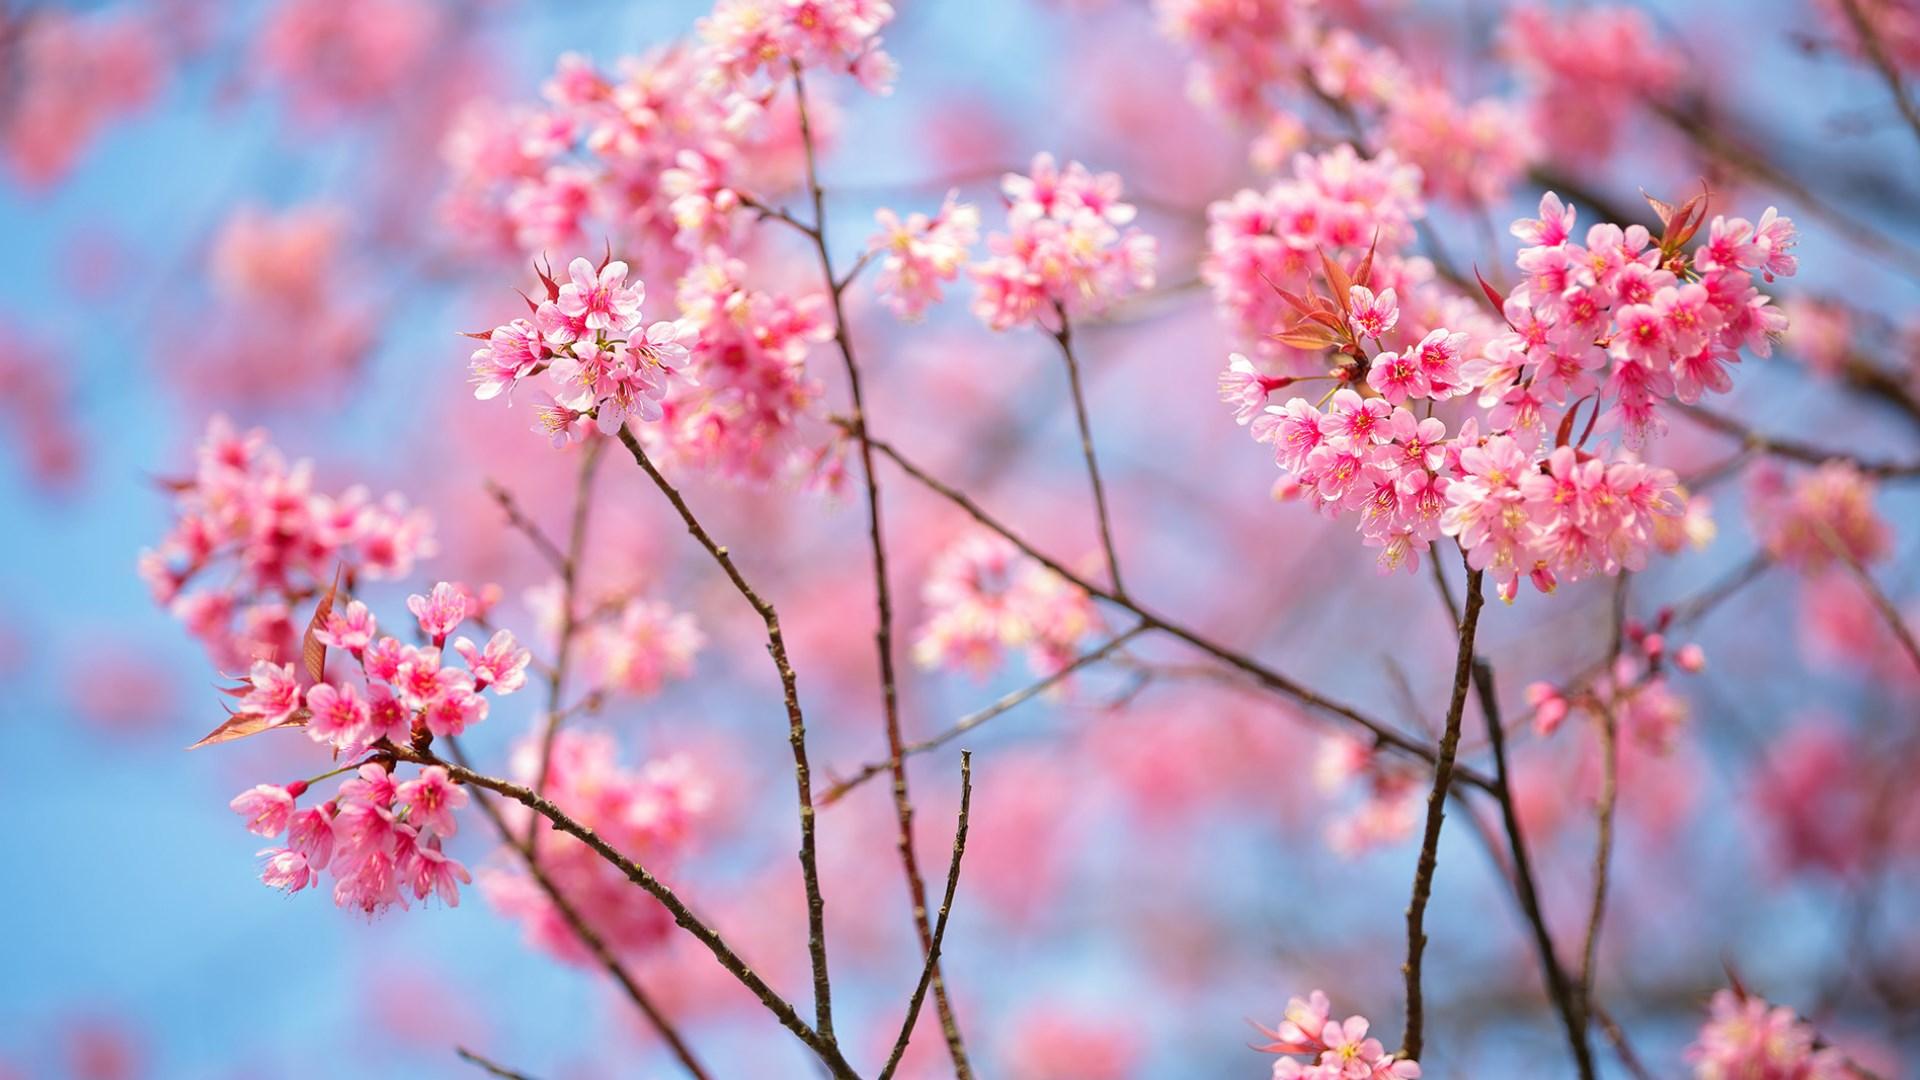 Cành hoa anh đào nở rộ